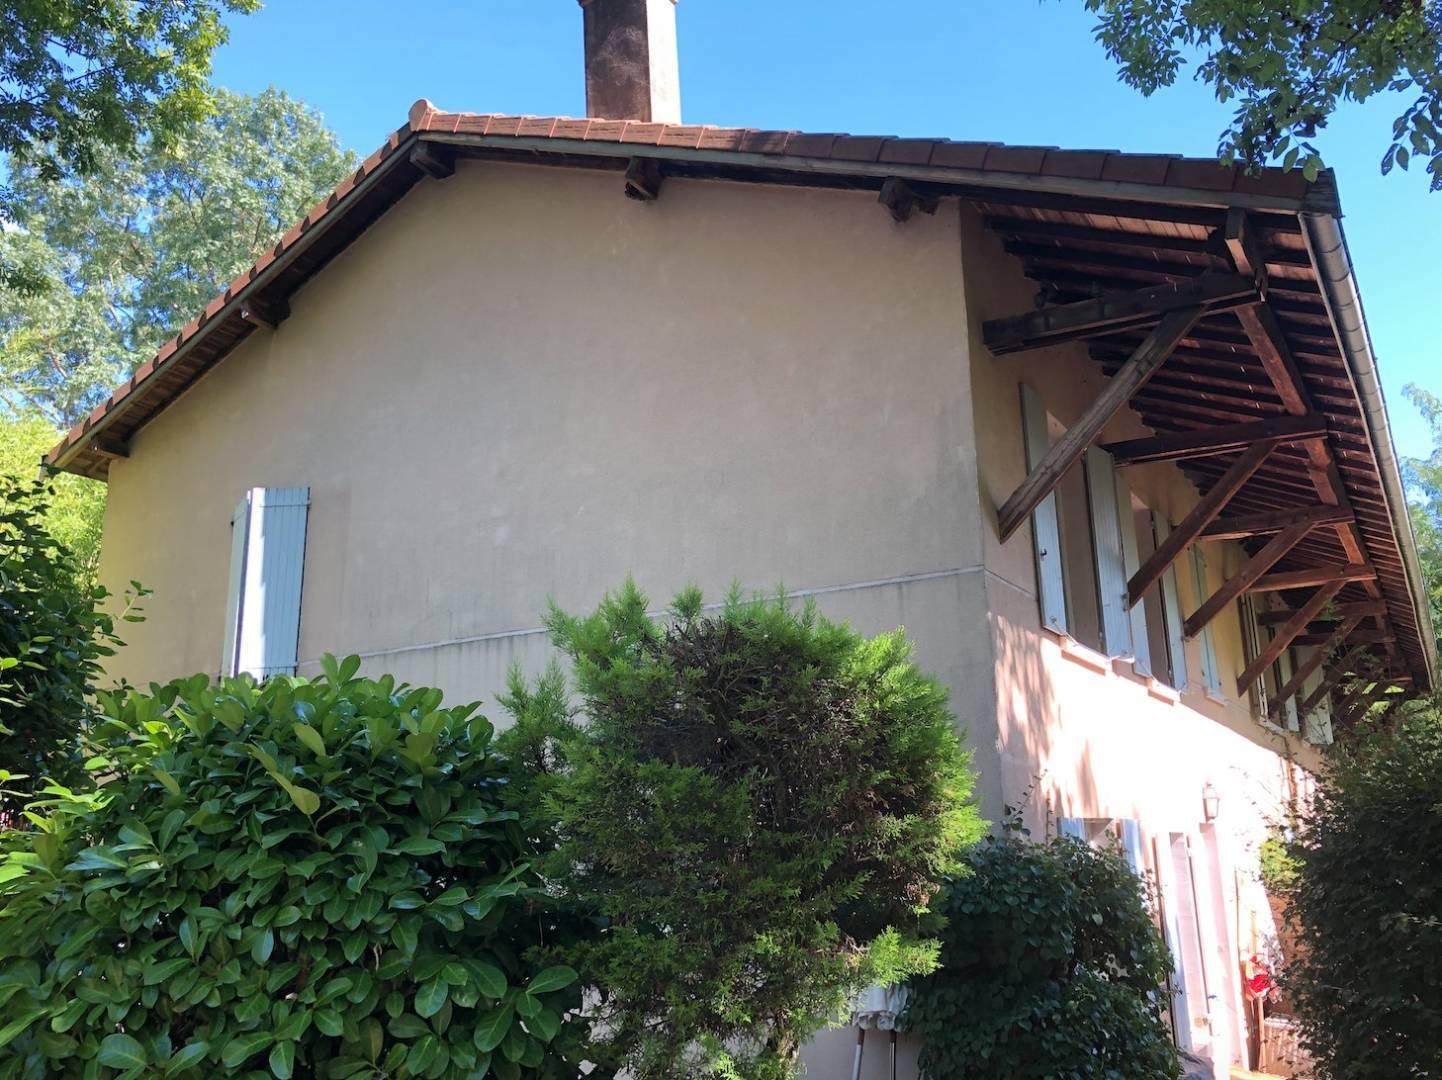 1 55 La Tour-de-Salvagny